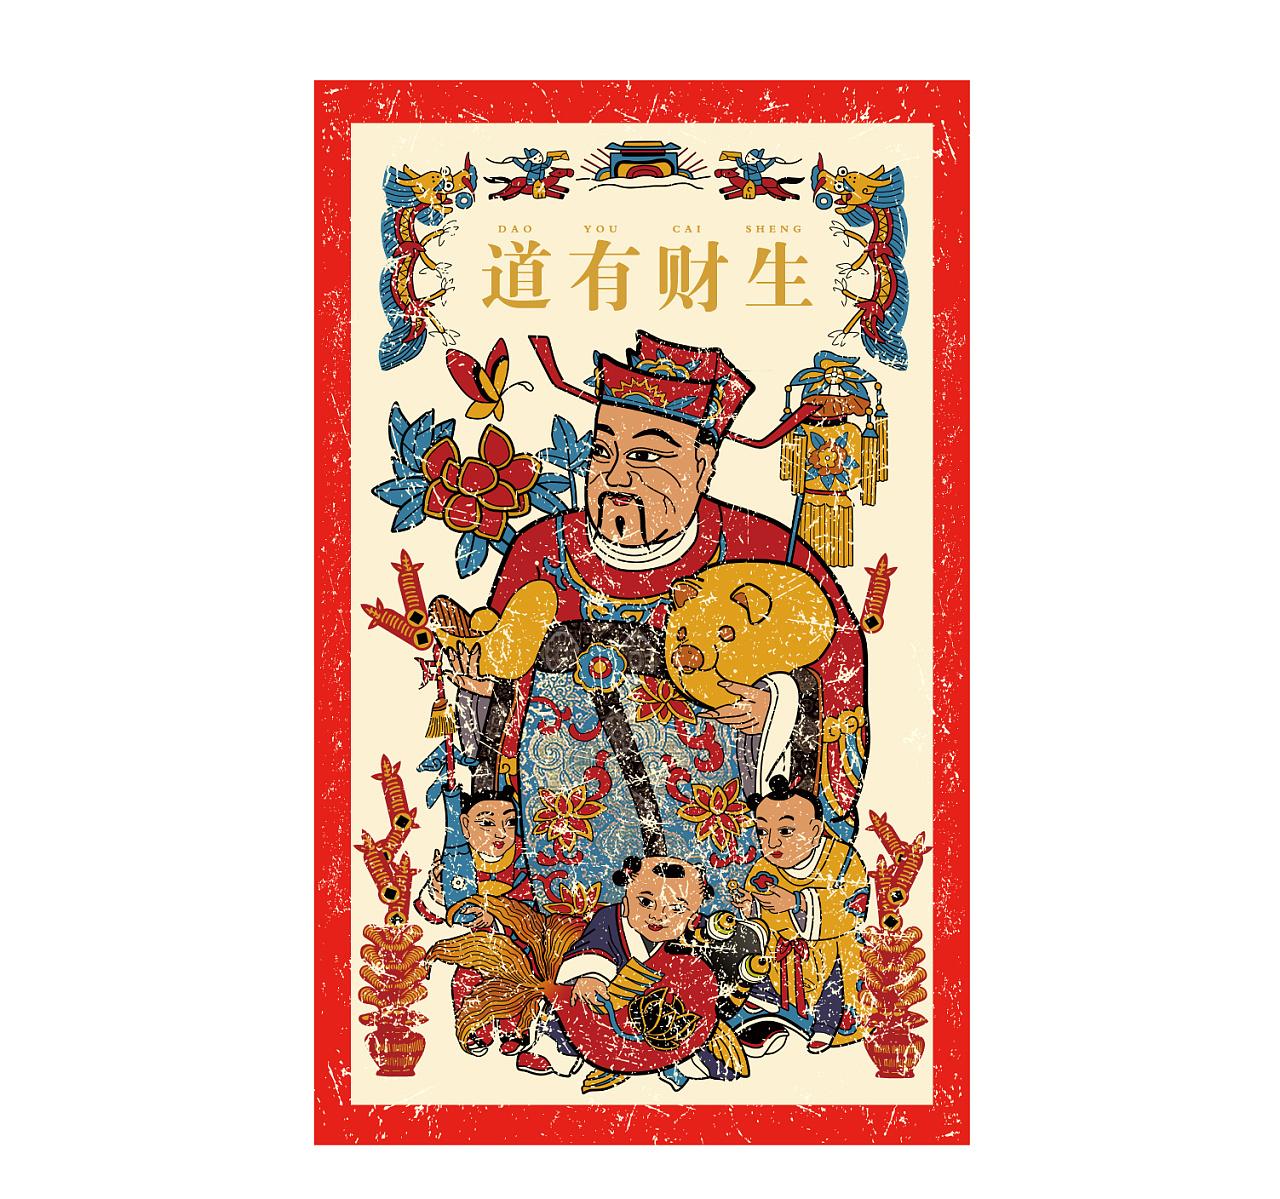 【2019年-己亥】金猪守岁年画系列-匠心传承图片